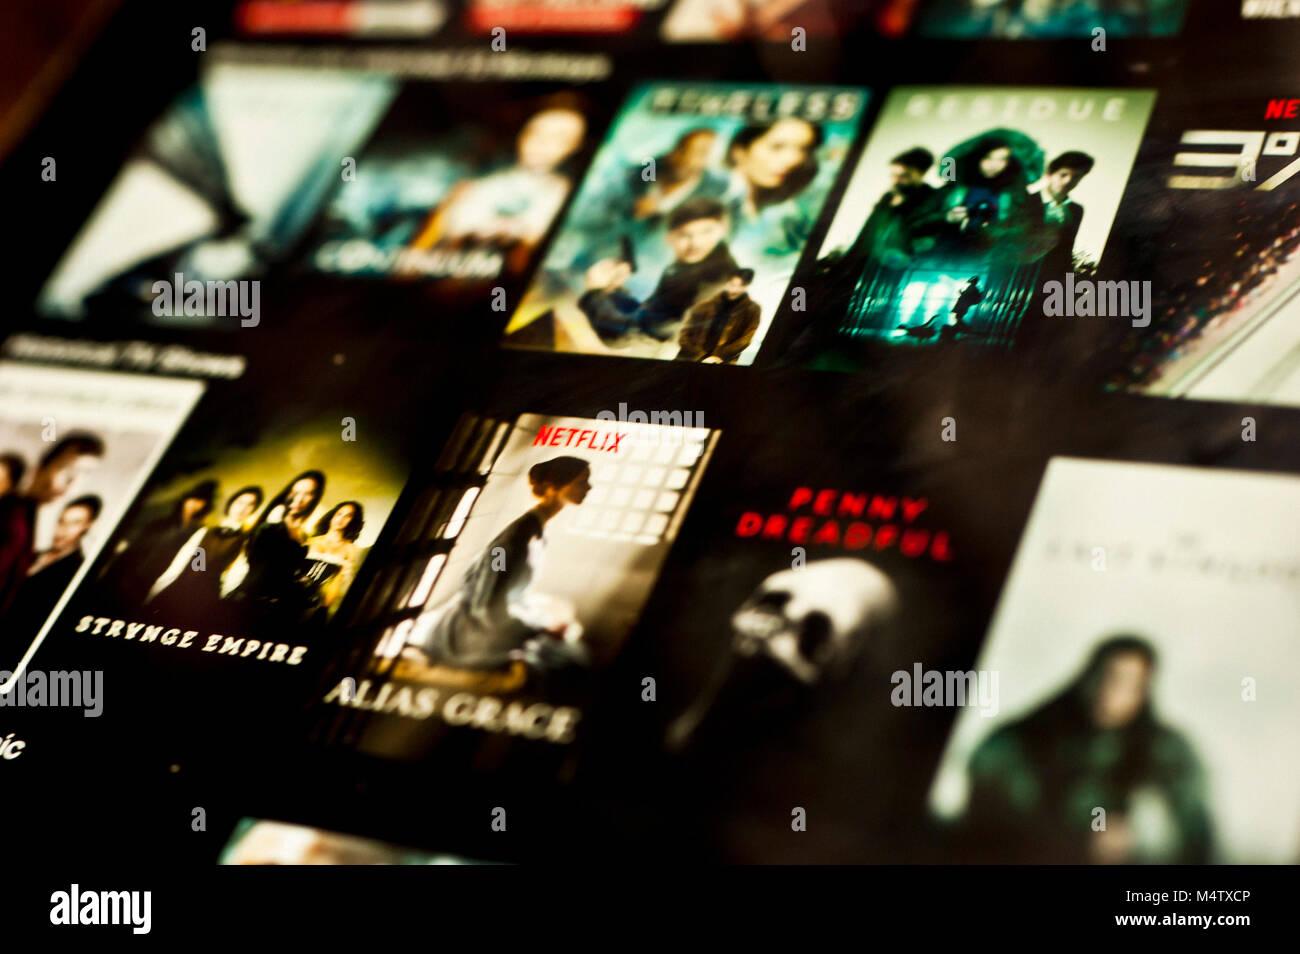 Netflix en una tableta de pantalla Imagen De Stock